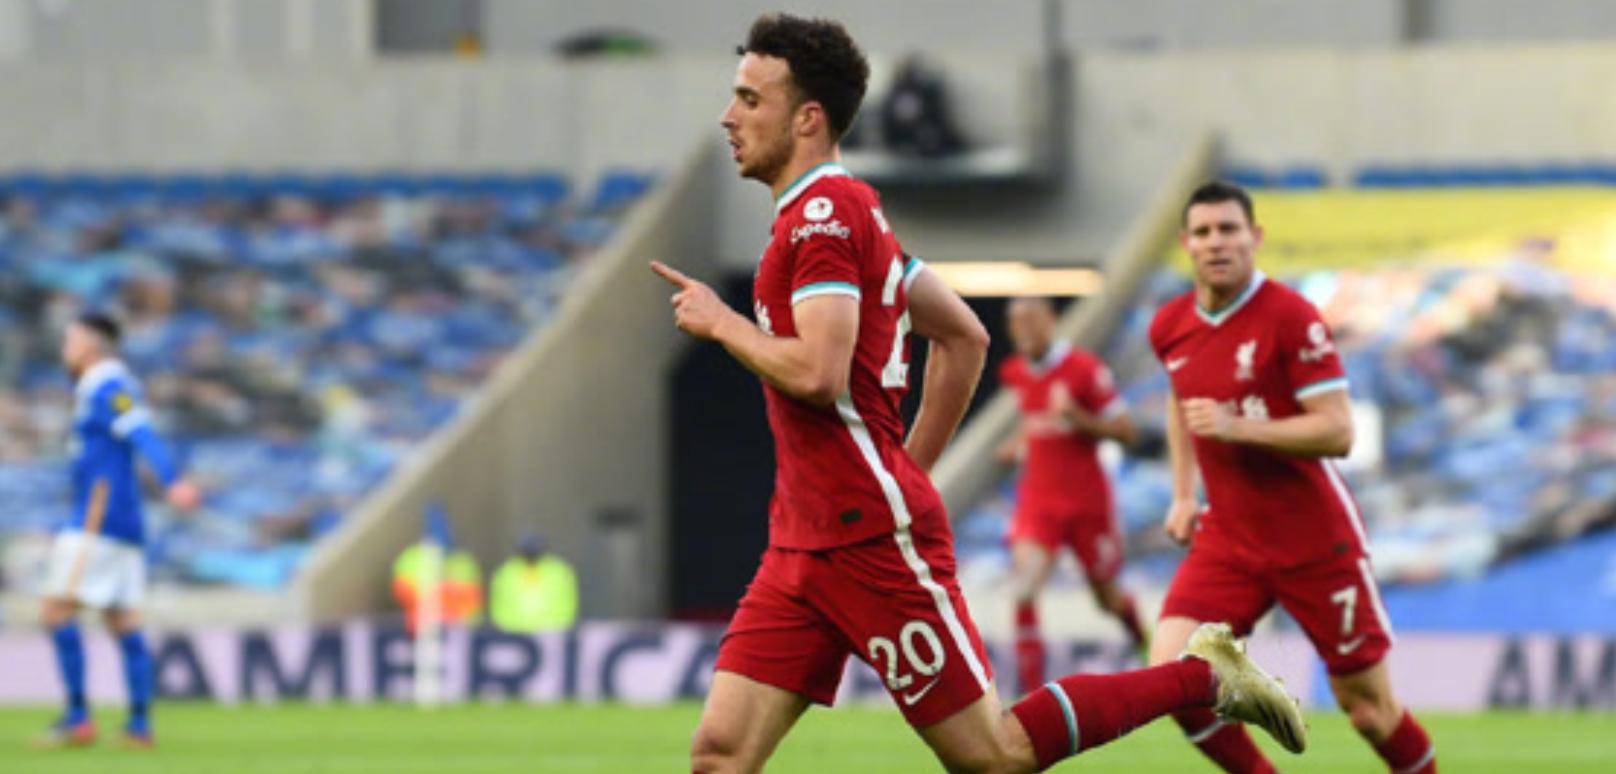 利物浦补时被判点遭绝平1-1布莱顿-今球app官网